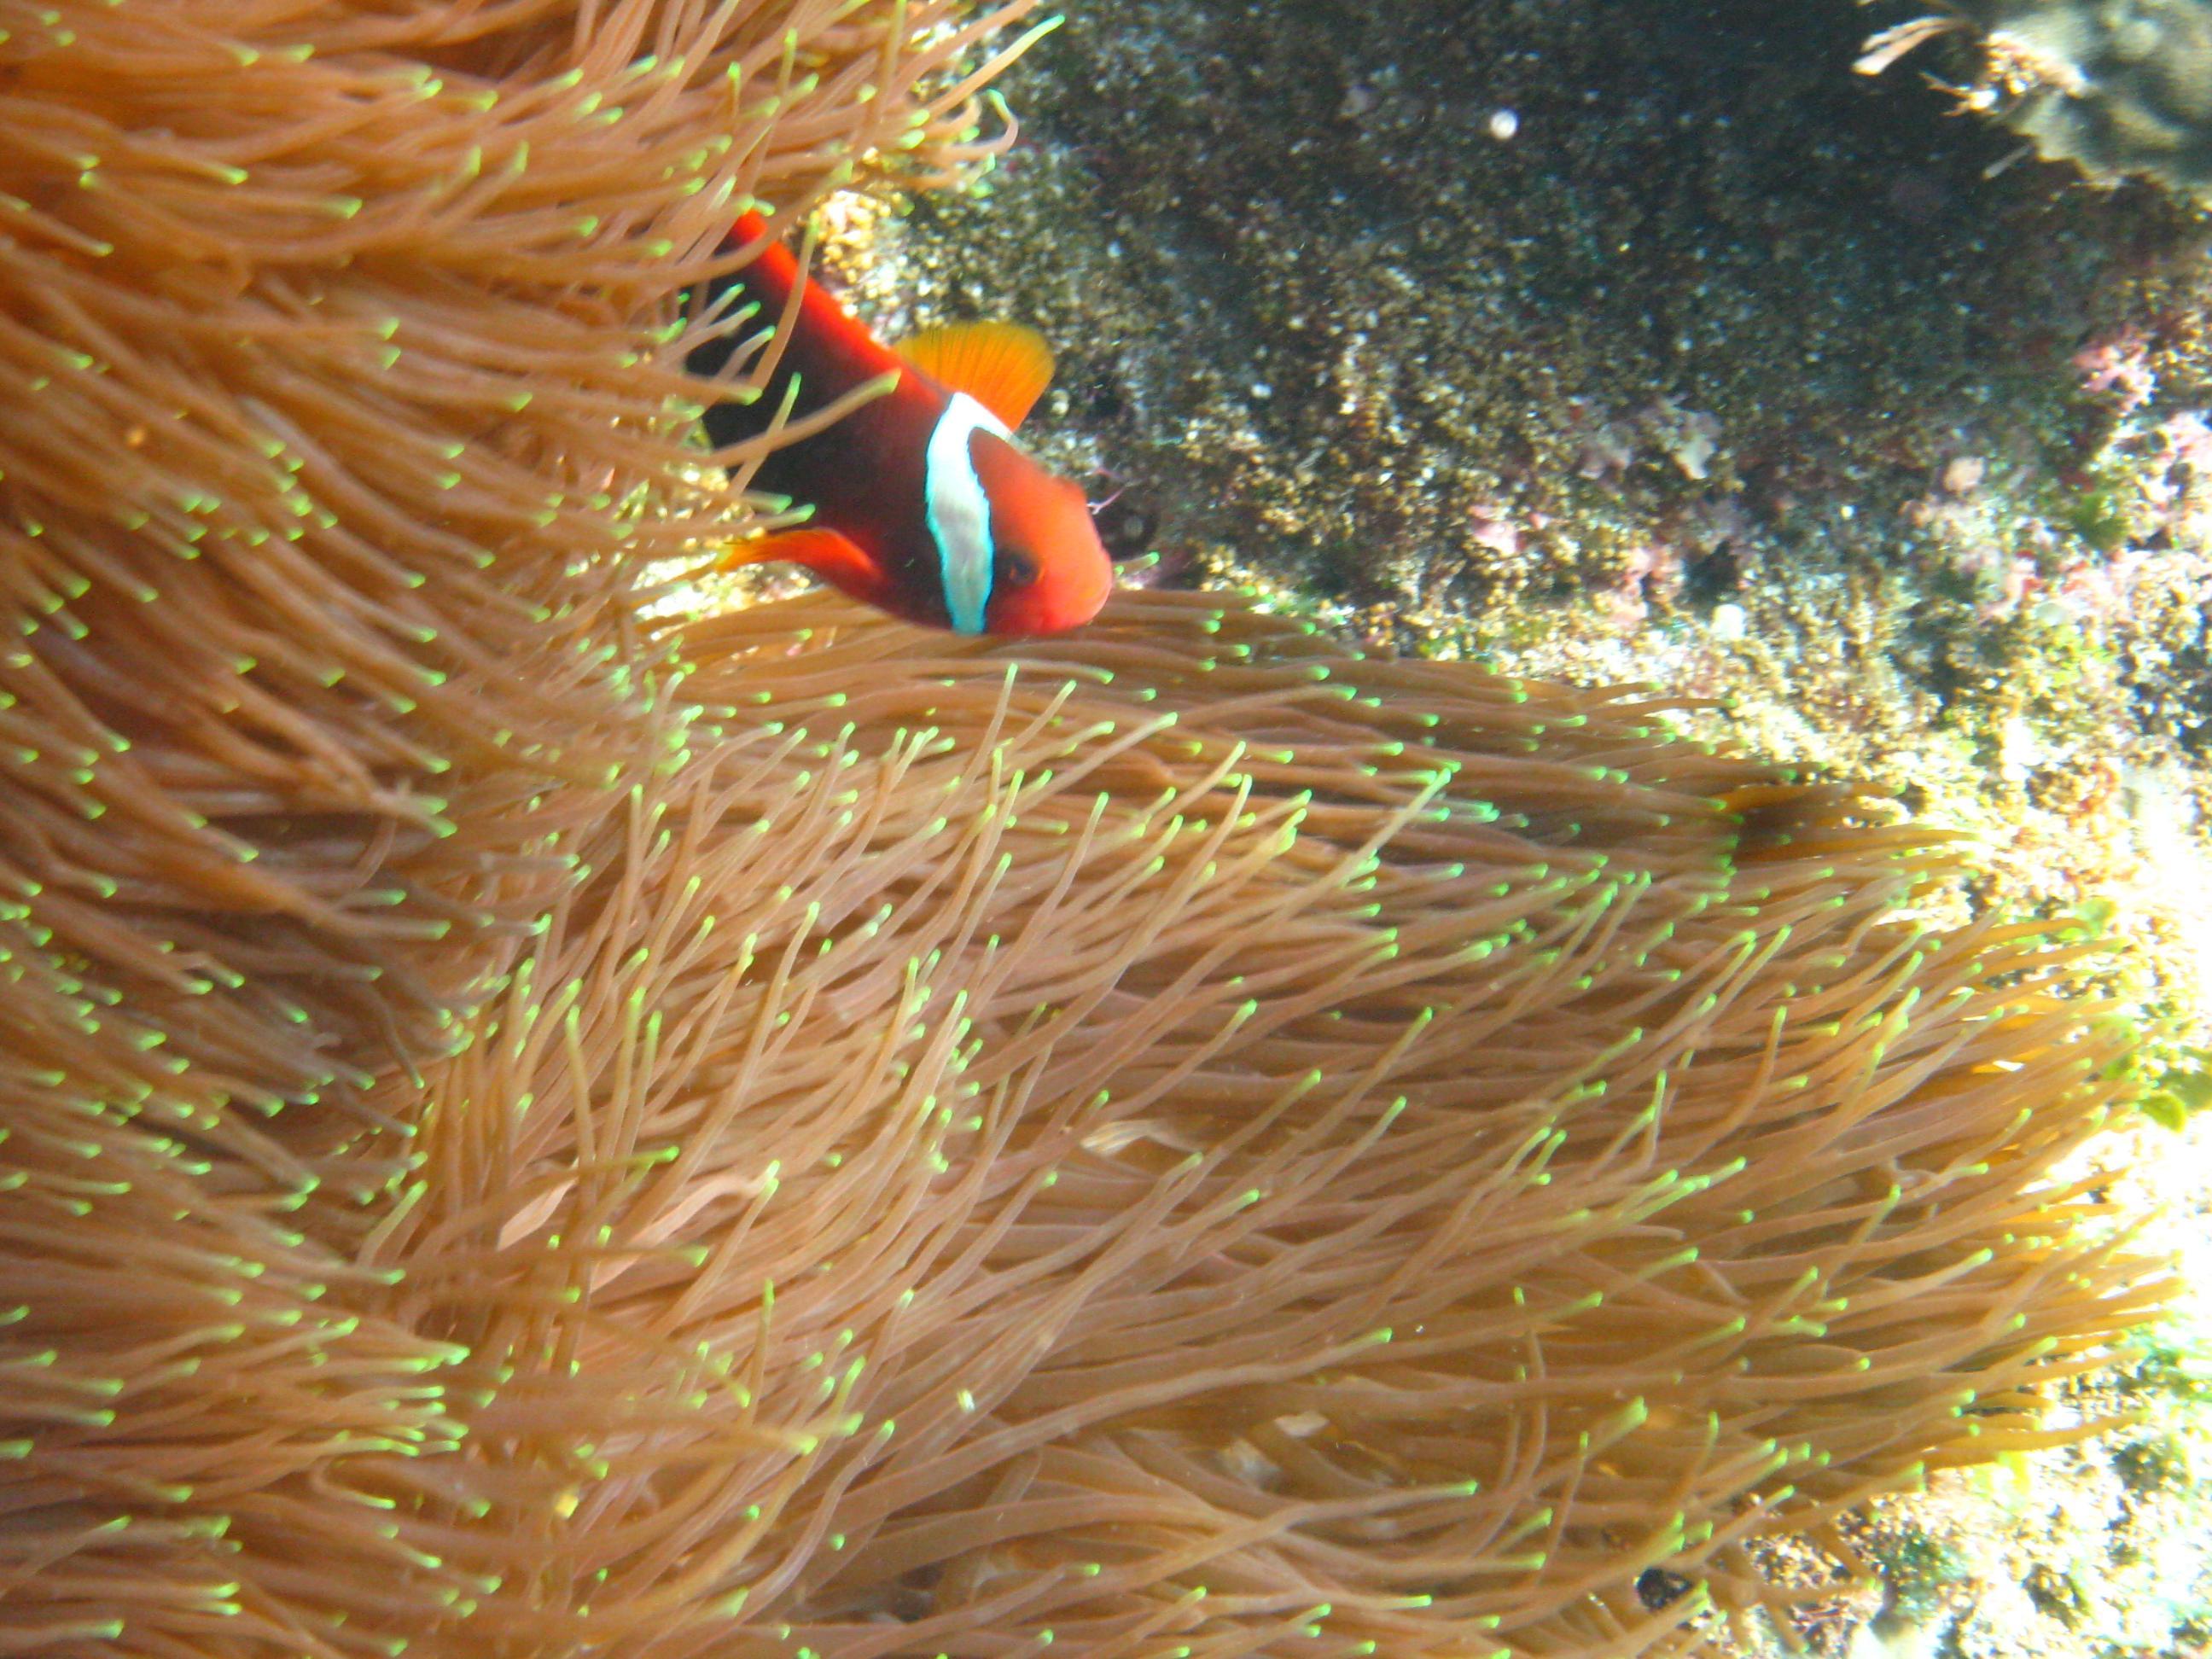 珊瑚通常生活陽光充足的溫暖水域嗎?